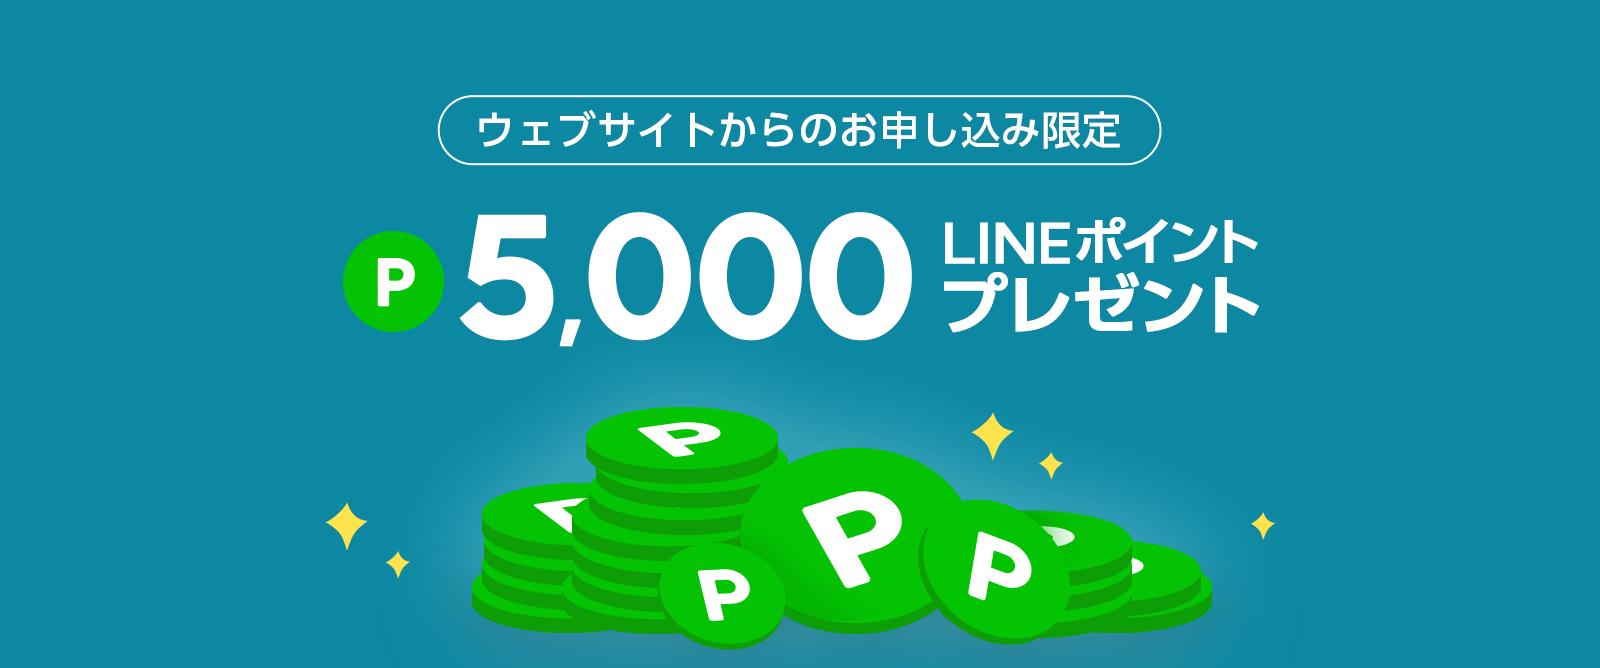 LINEモバイルのポイントバックキャンペーン